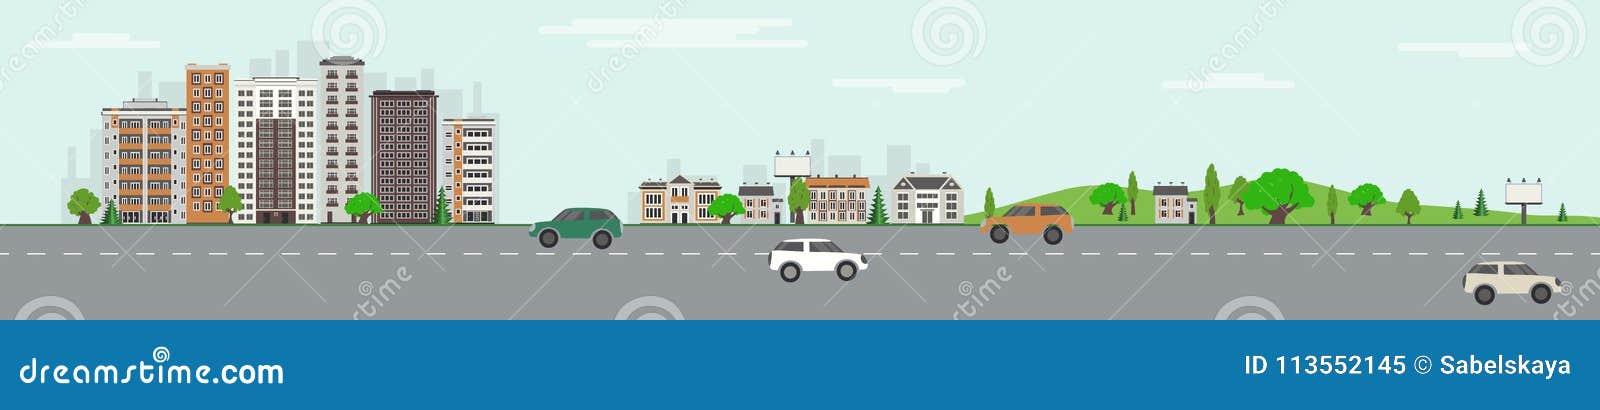 Stadshorizon met wolkenkrabbers, openbaar park met groen bomen en gazon en weg met voertuigen